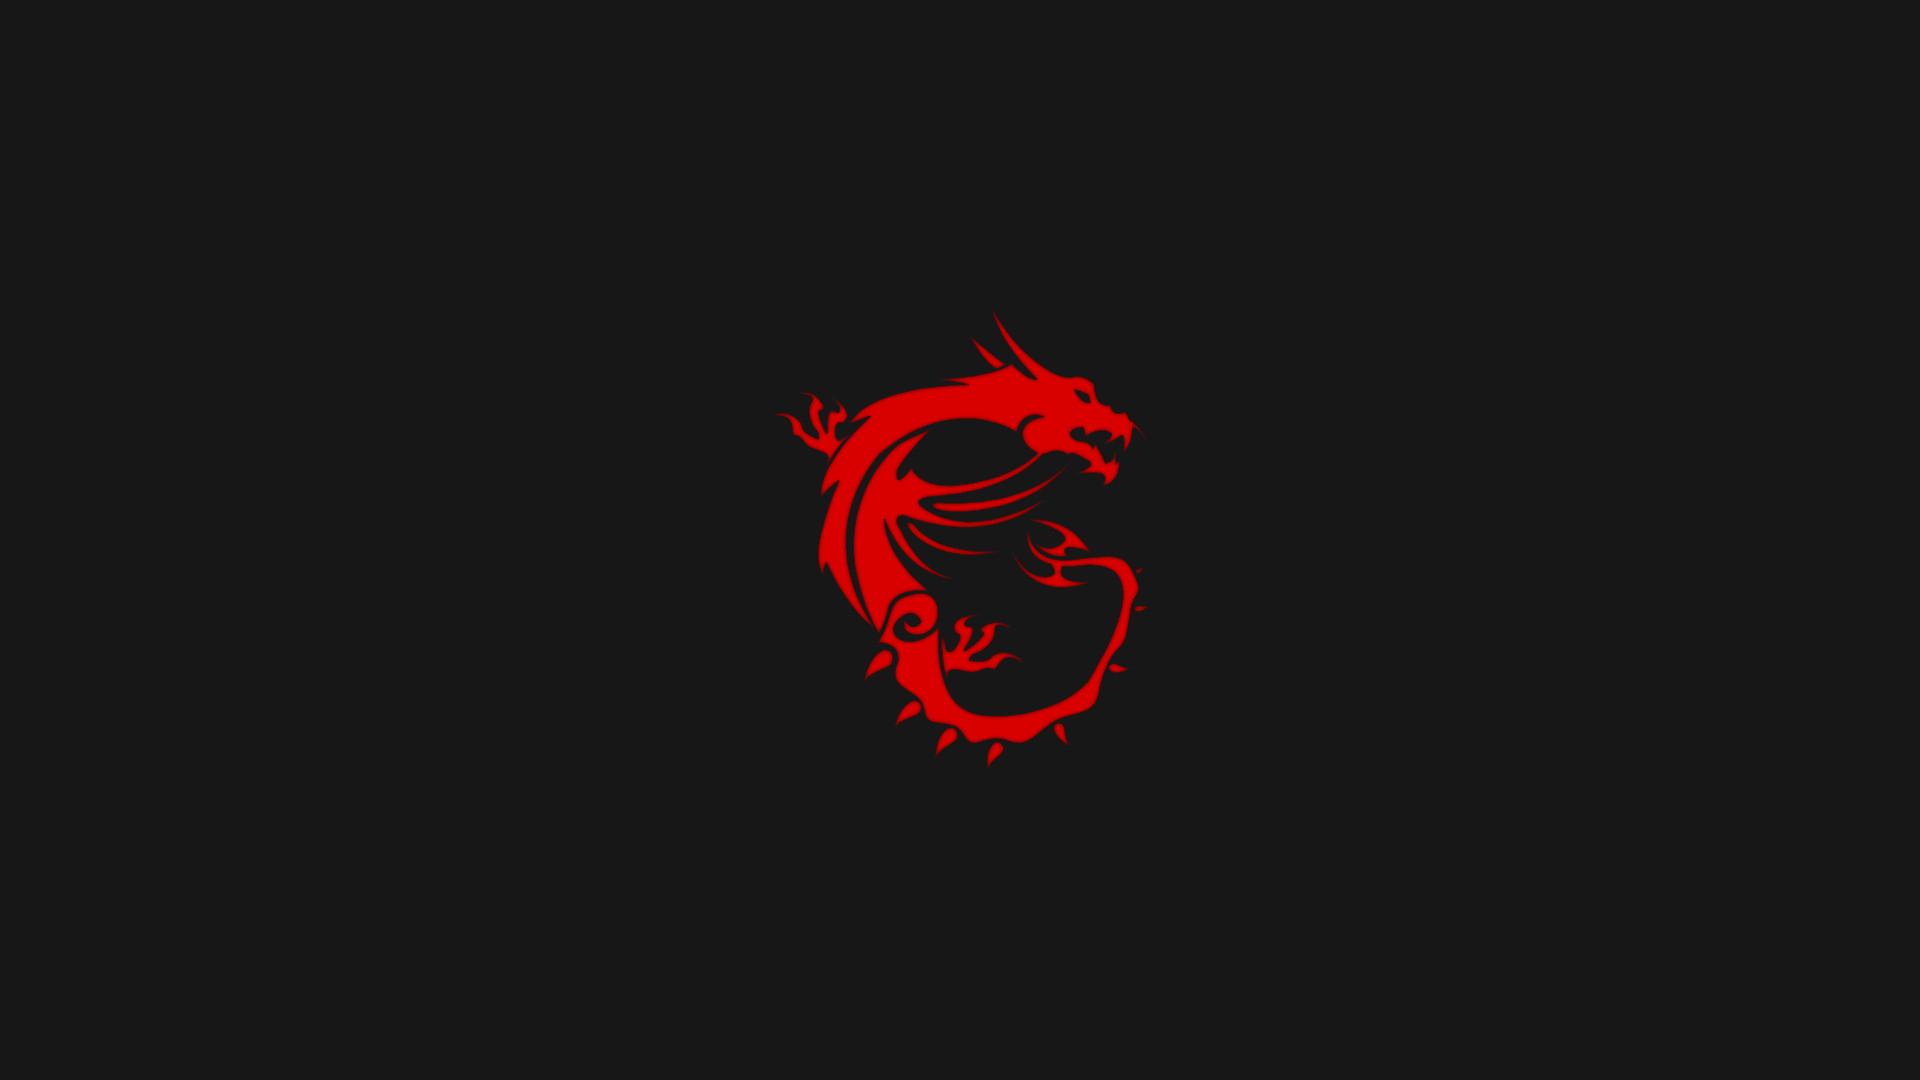 Dragon Logo Wallpaper 1